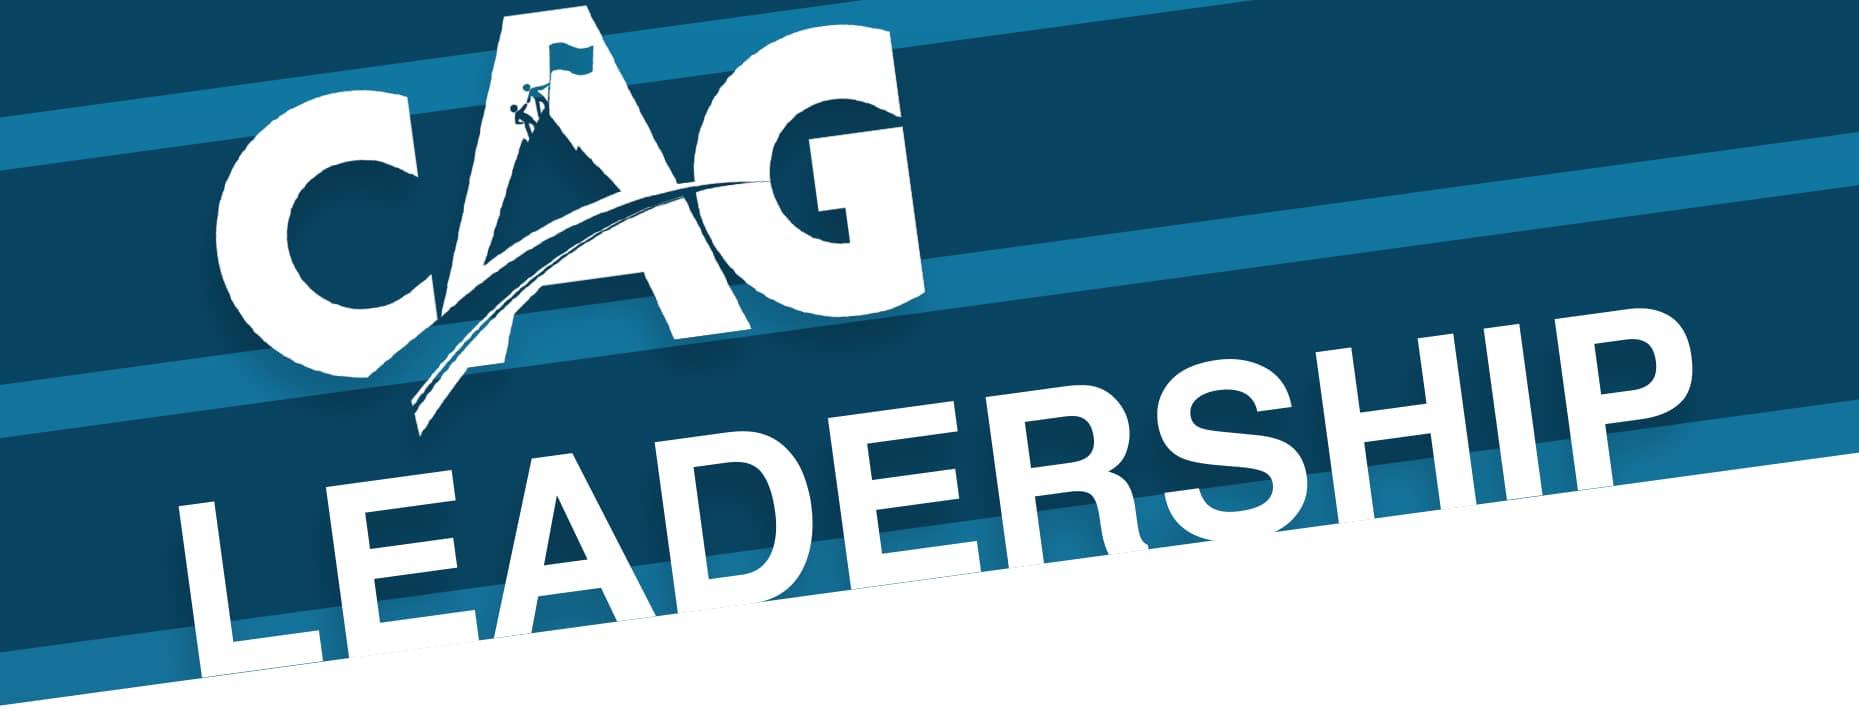 CAG Leadership Academy